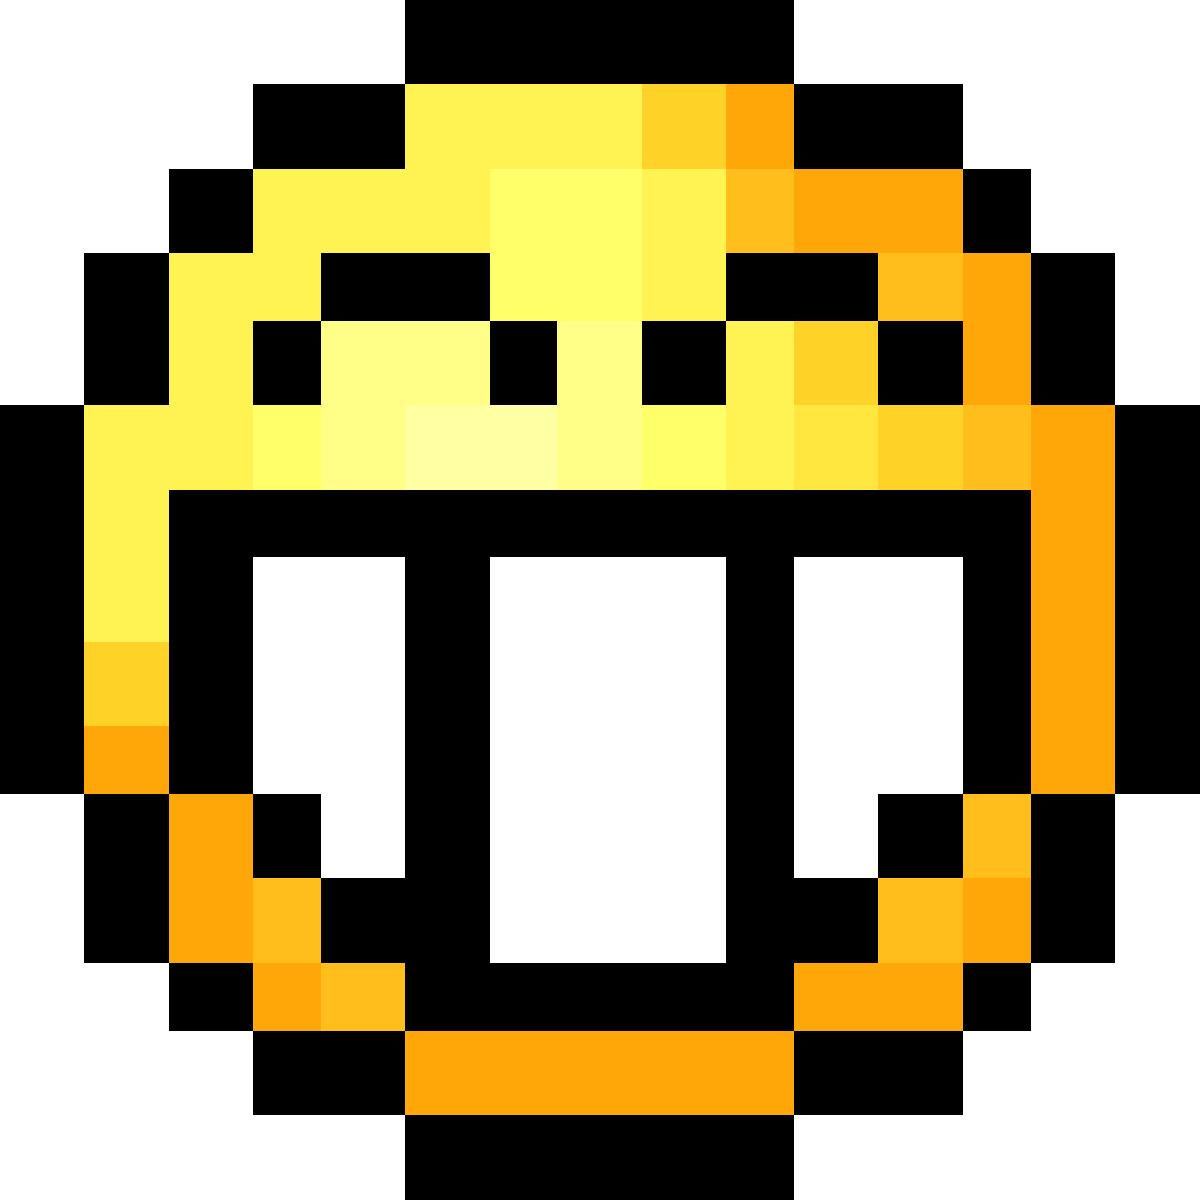 HappyHardcore.com [256k]